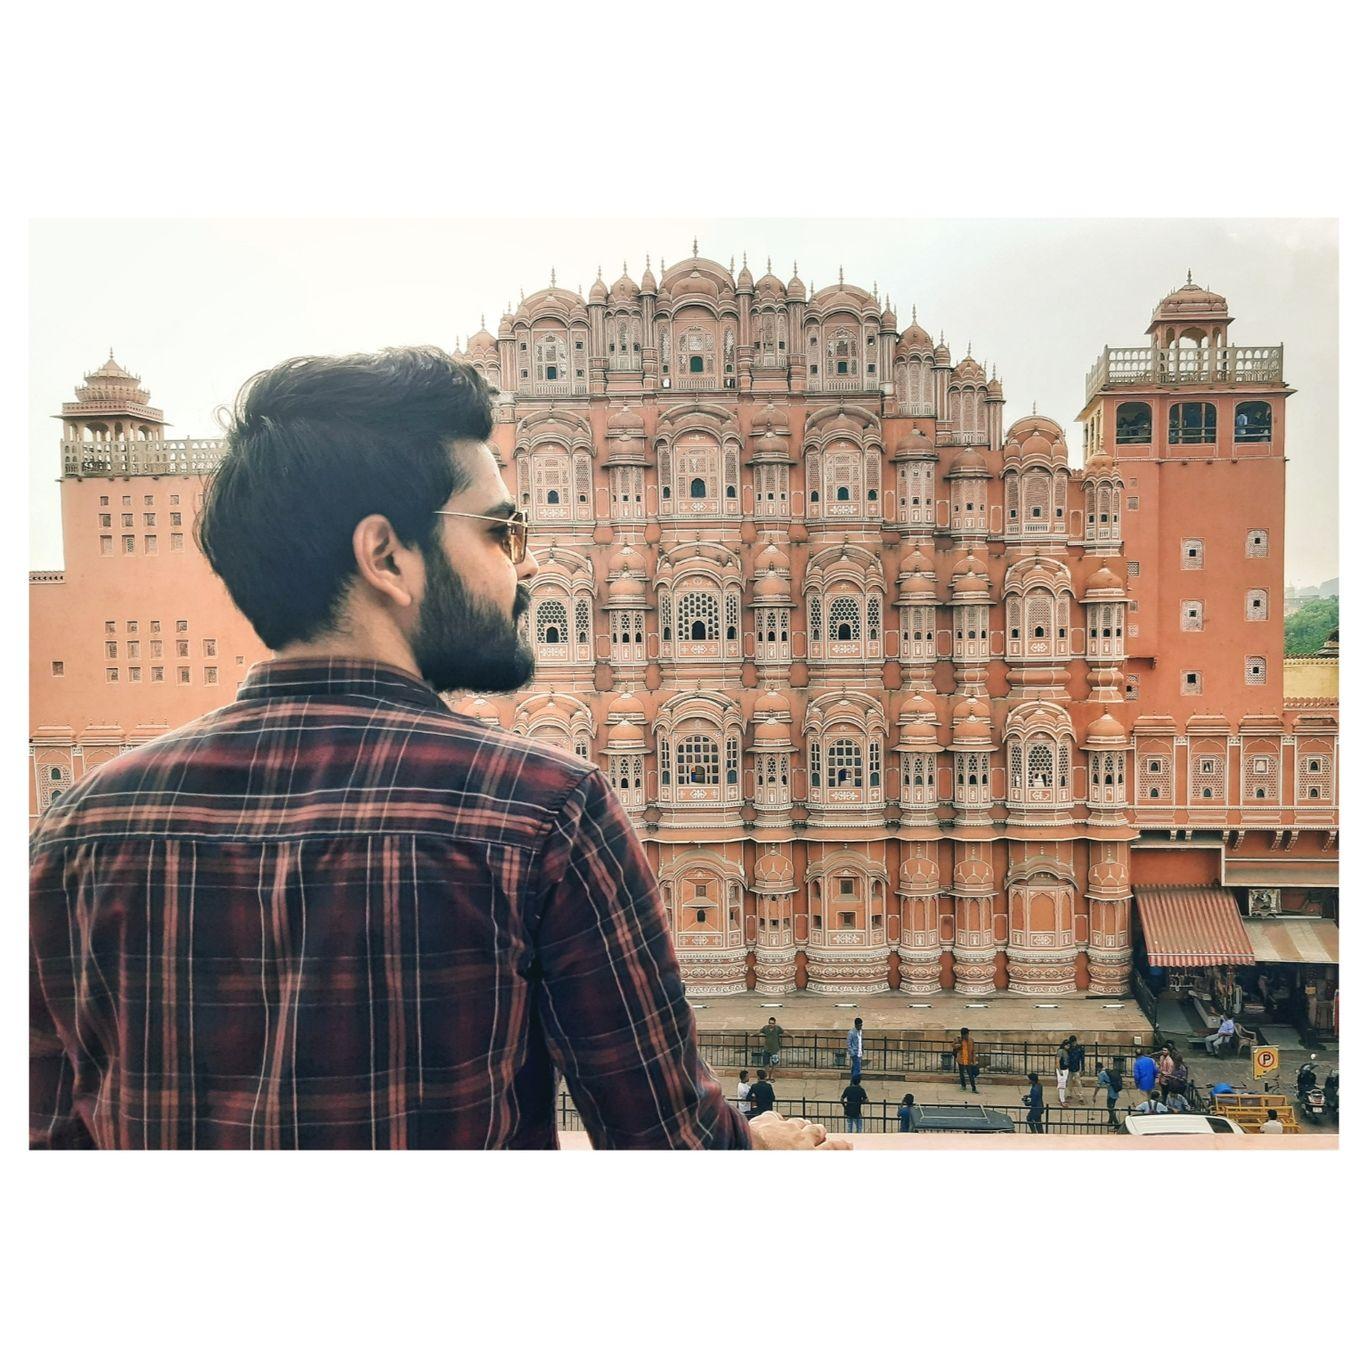 Photo of Hawa Mahal - Palace of Wind By Abhishek Jhanjhriwal